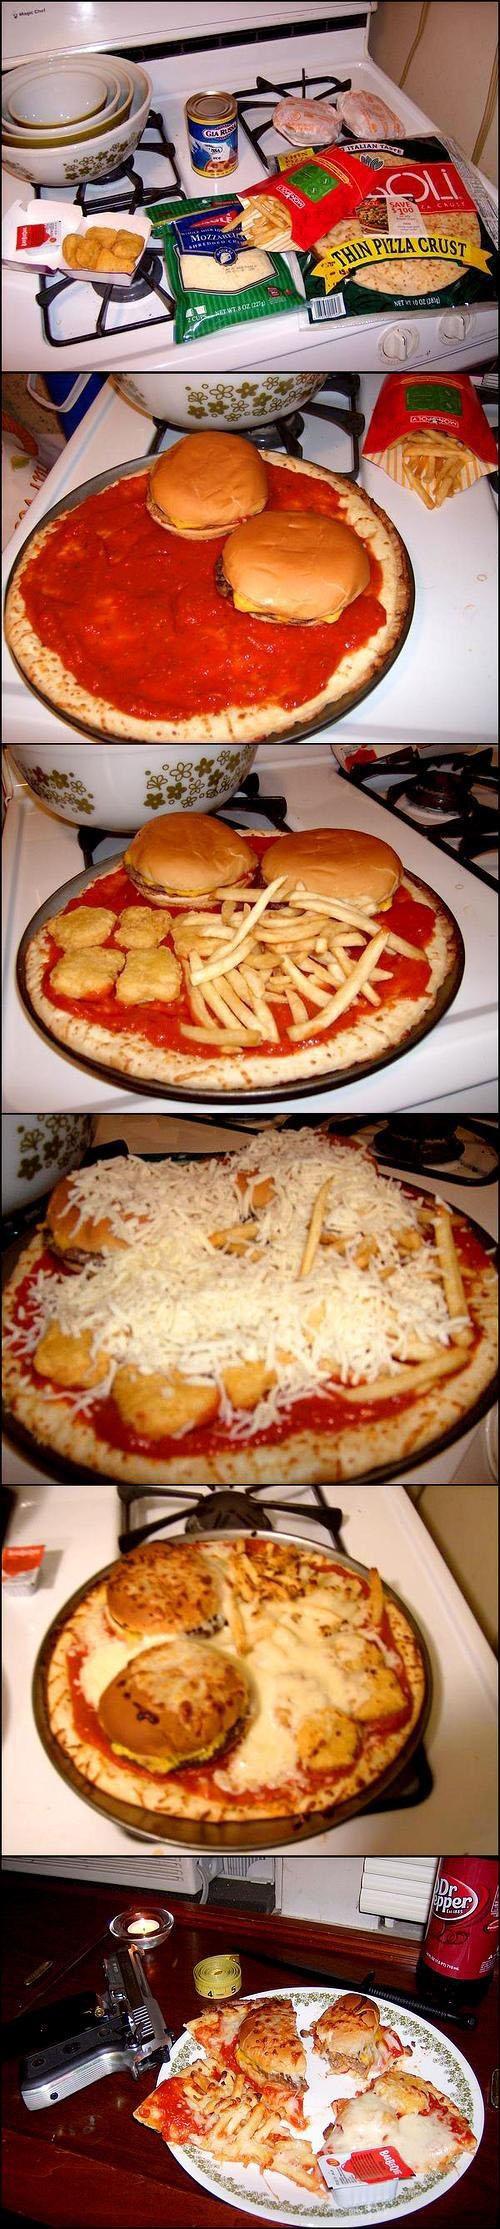 Пицца. Они добавили в нее гамбургеры и наггетсы, извращенцы.